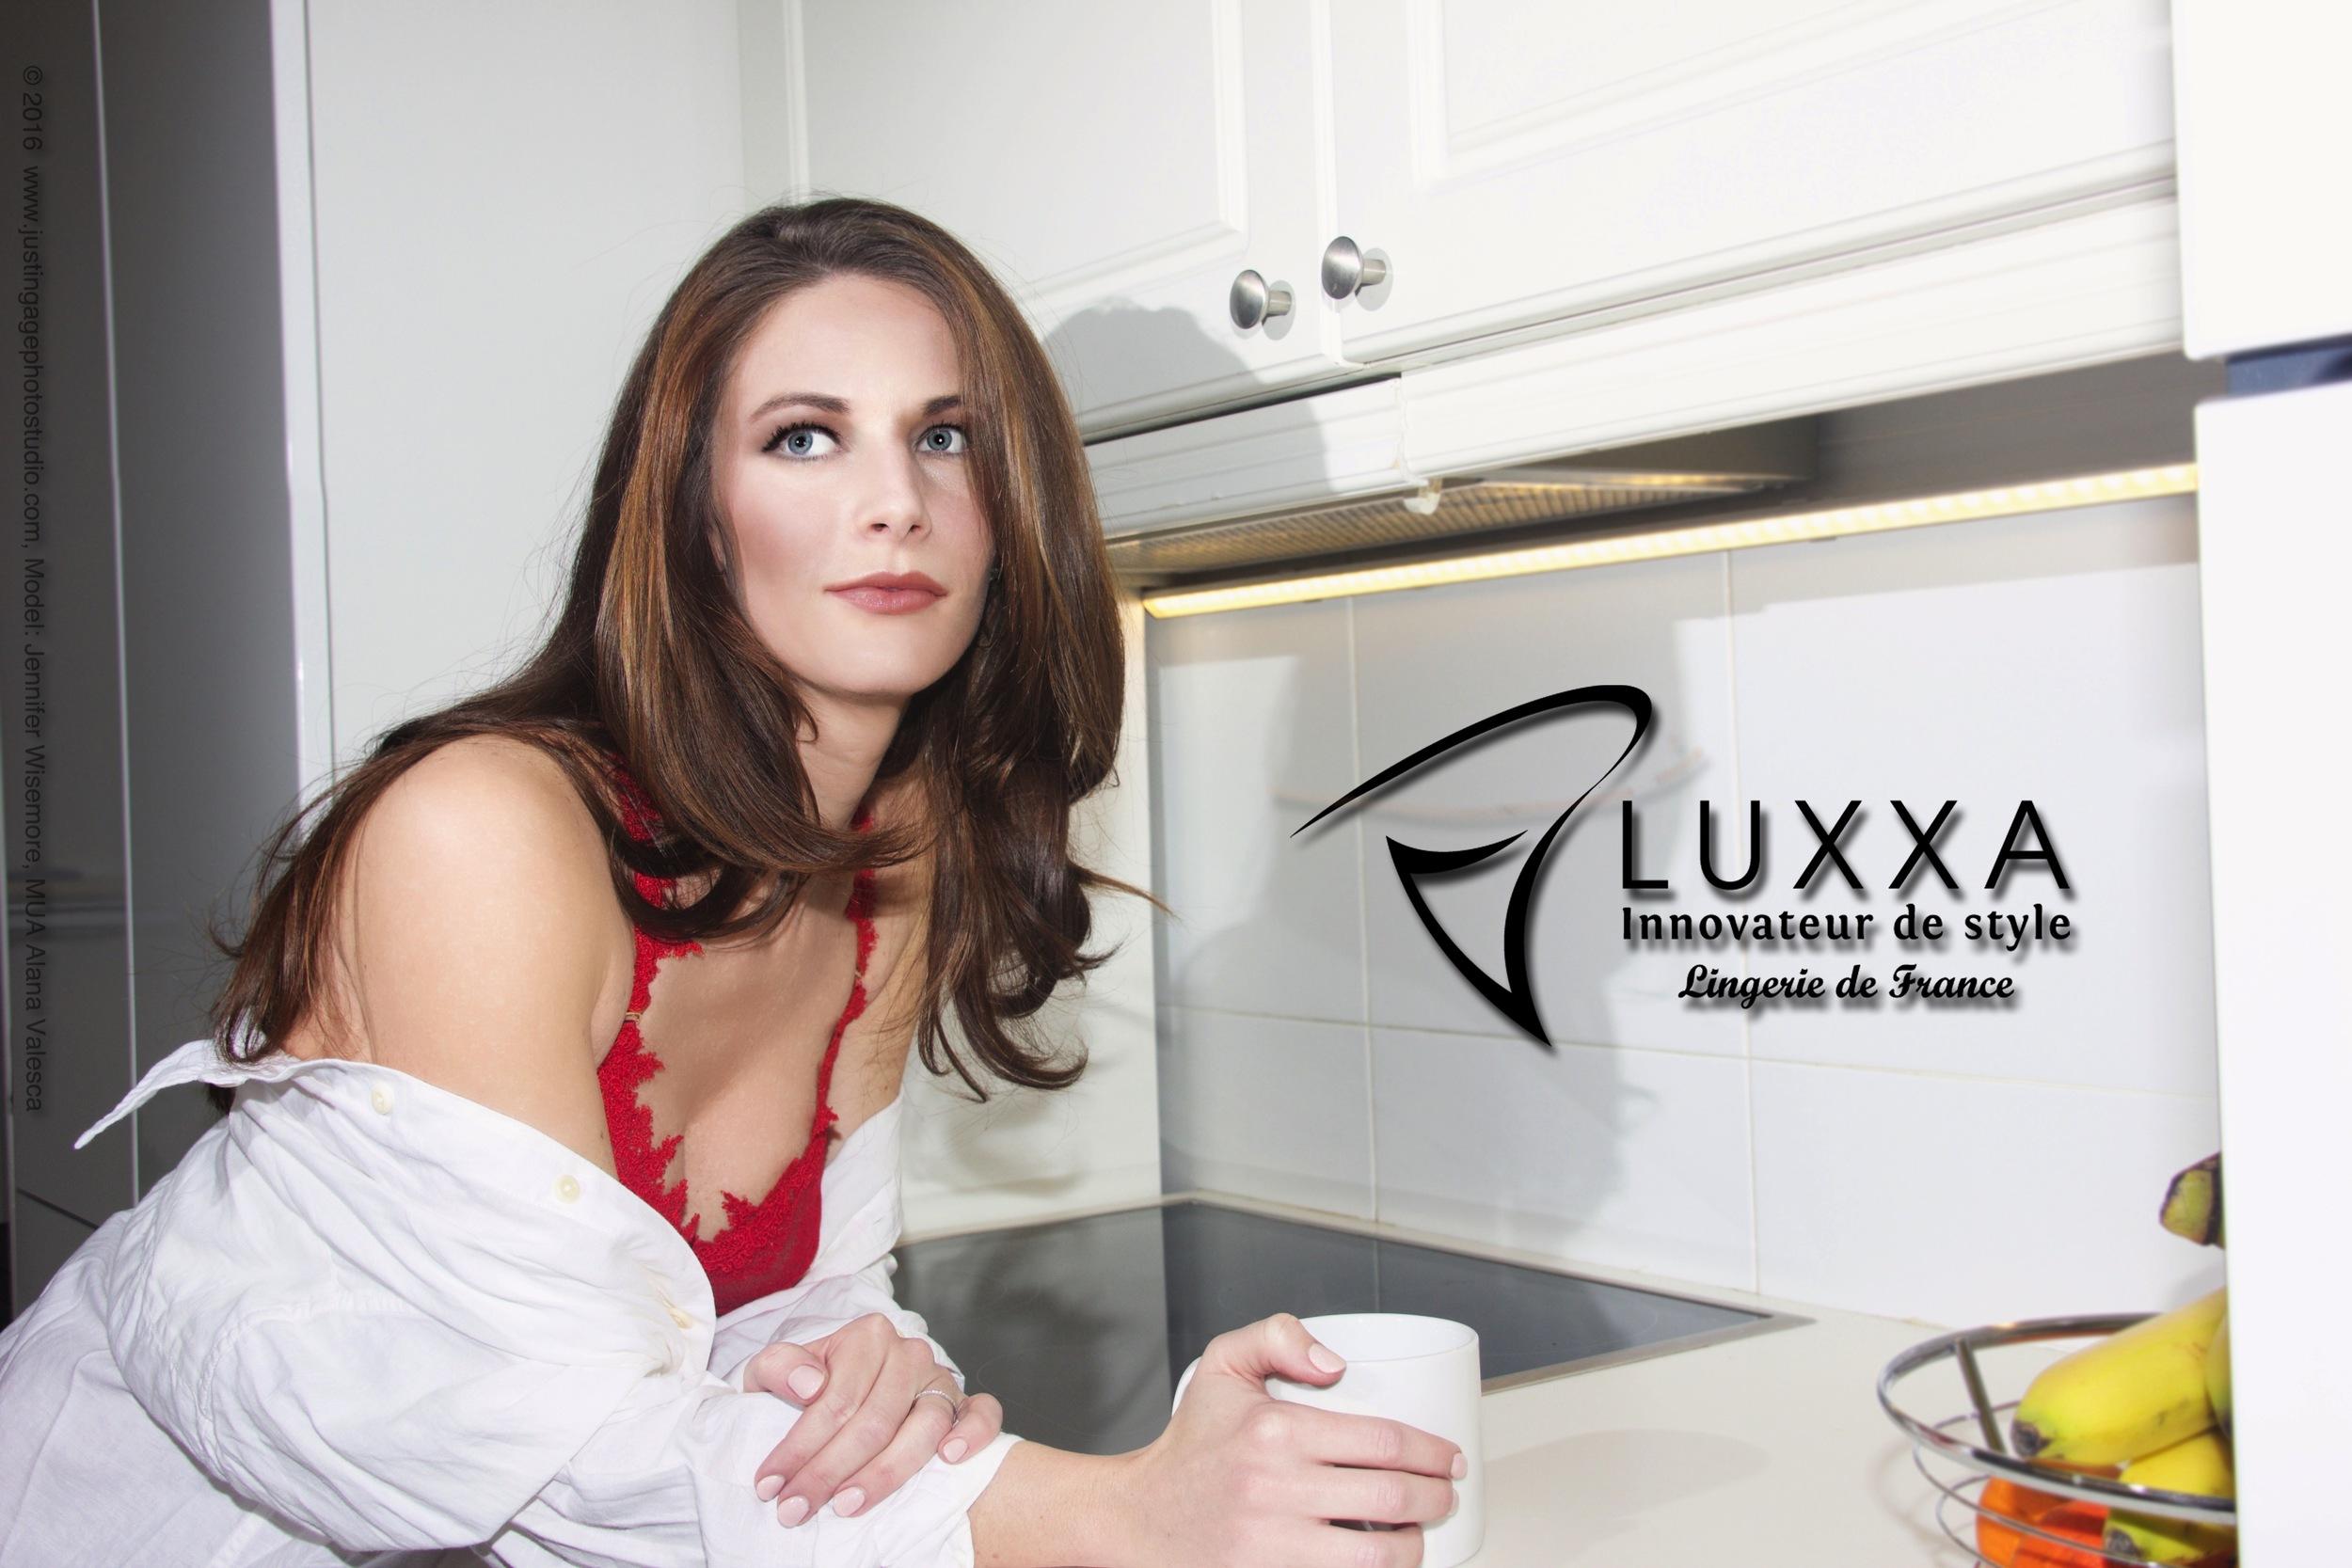 Luxxa-2.jpg